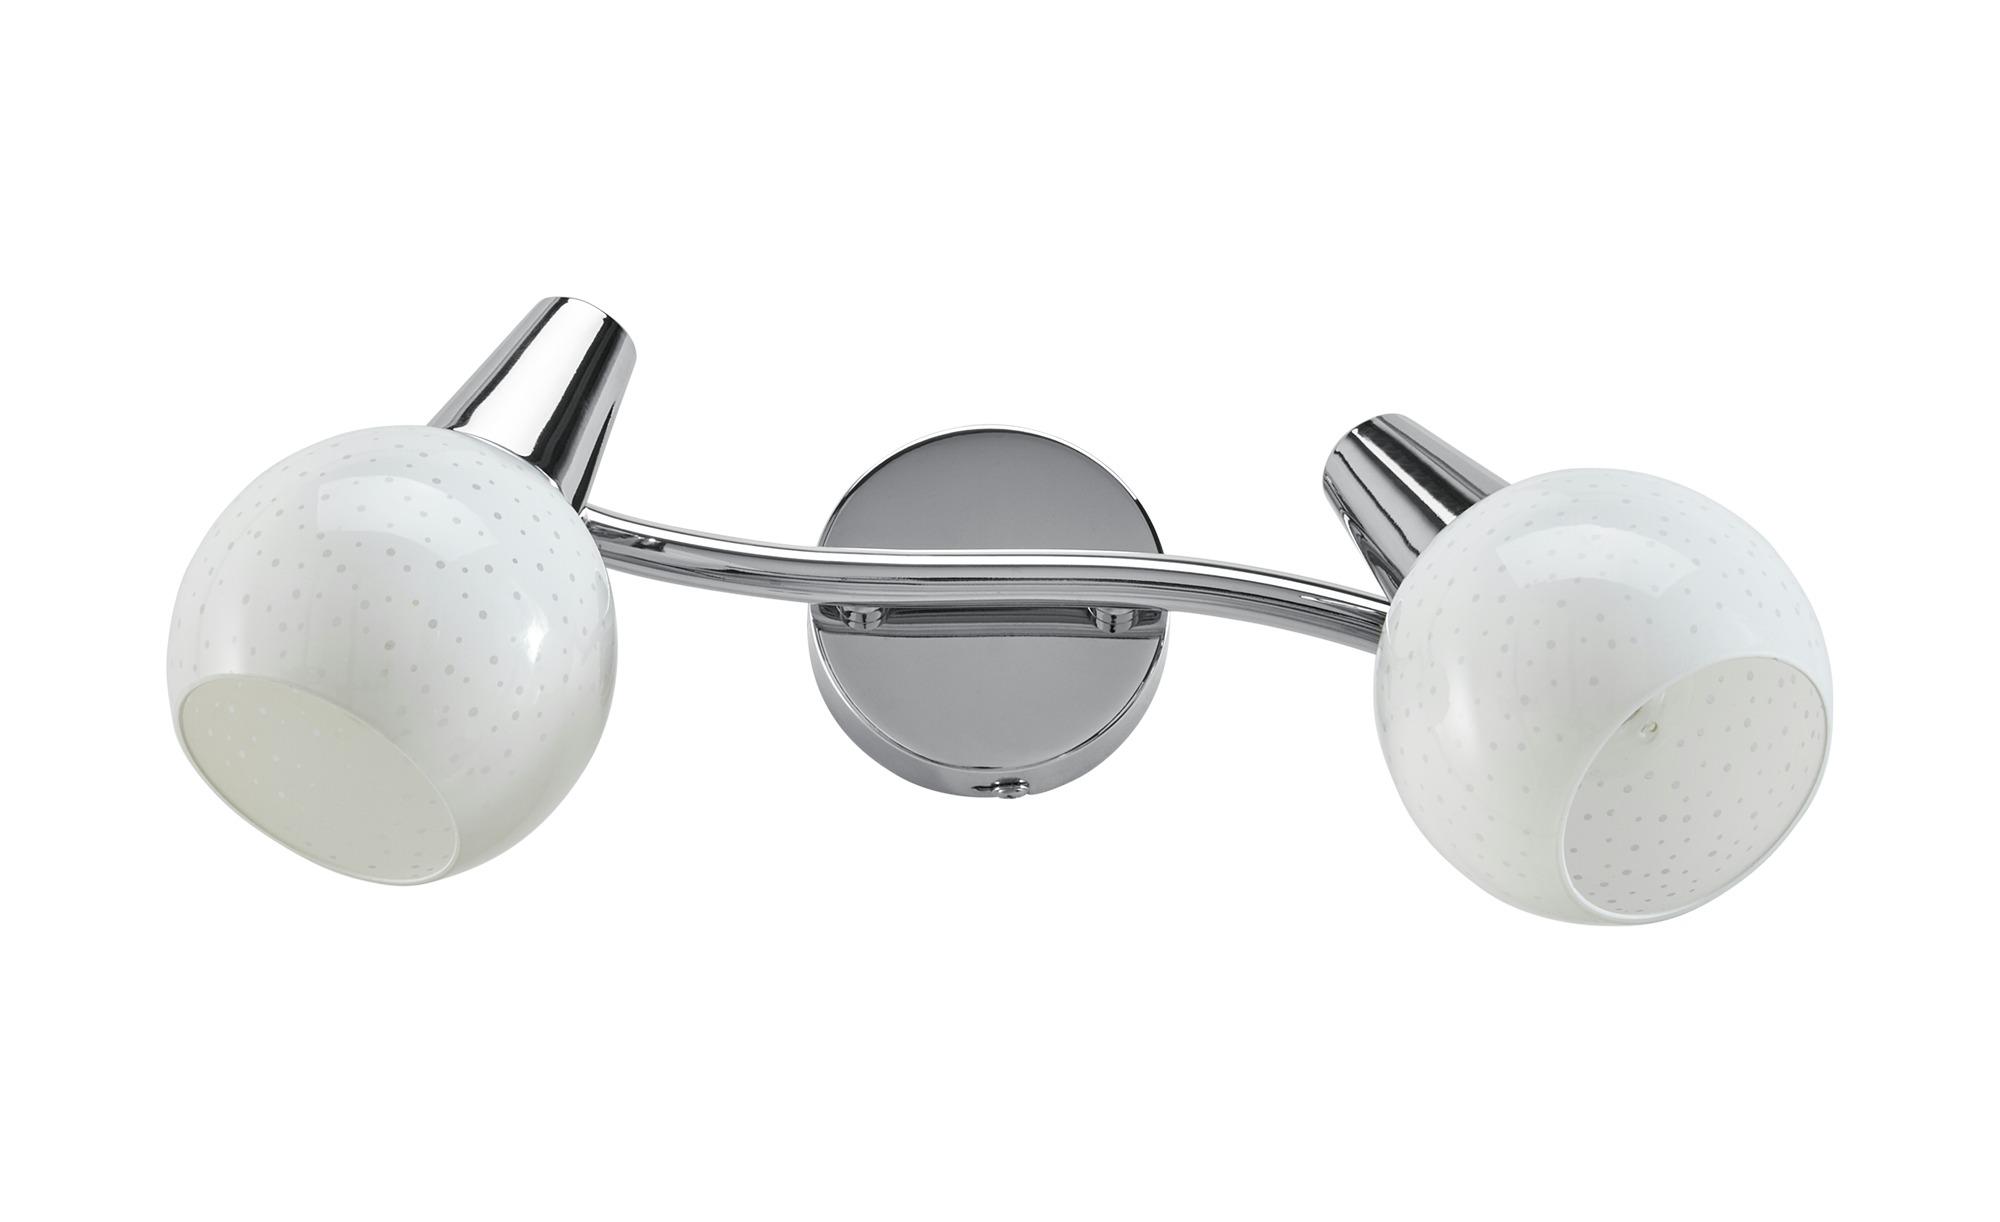 Deckenstrahler, 2-flammig ¦ silber Lampen & Leuchten > LED-Leuchten > LED-Strahler & Spots - Höffner